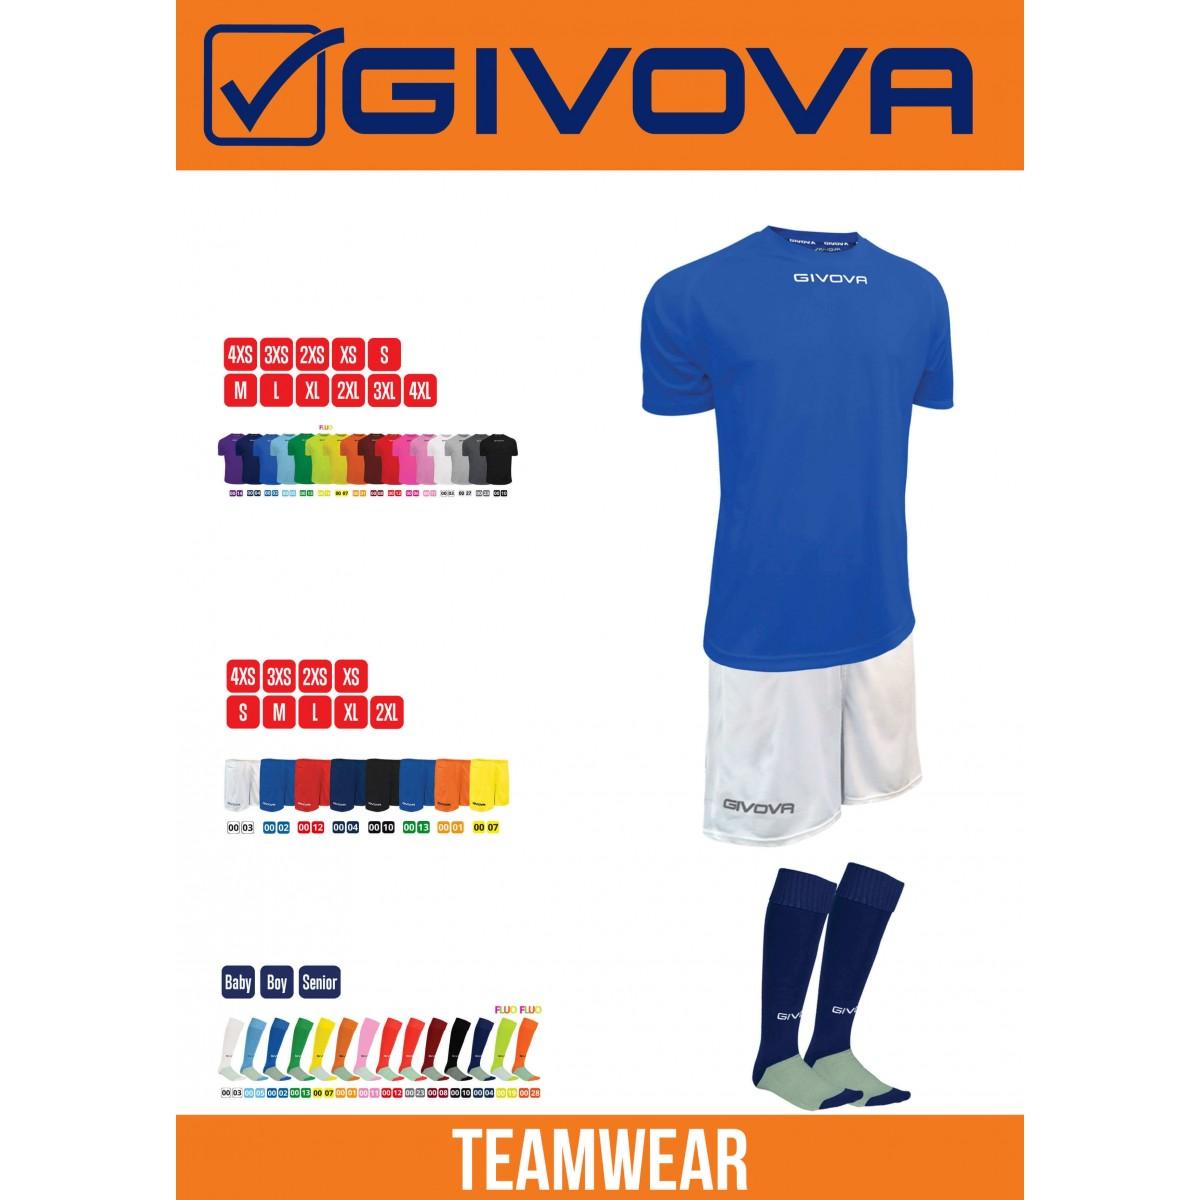 Kit Givova One Holdsæt 6